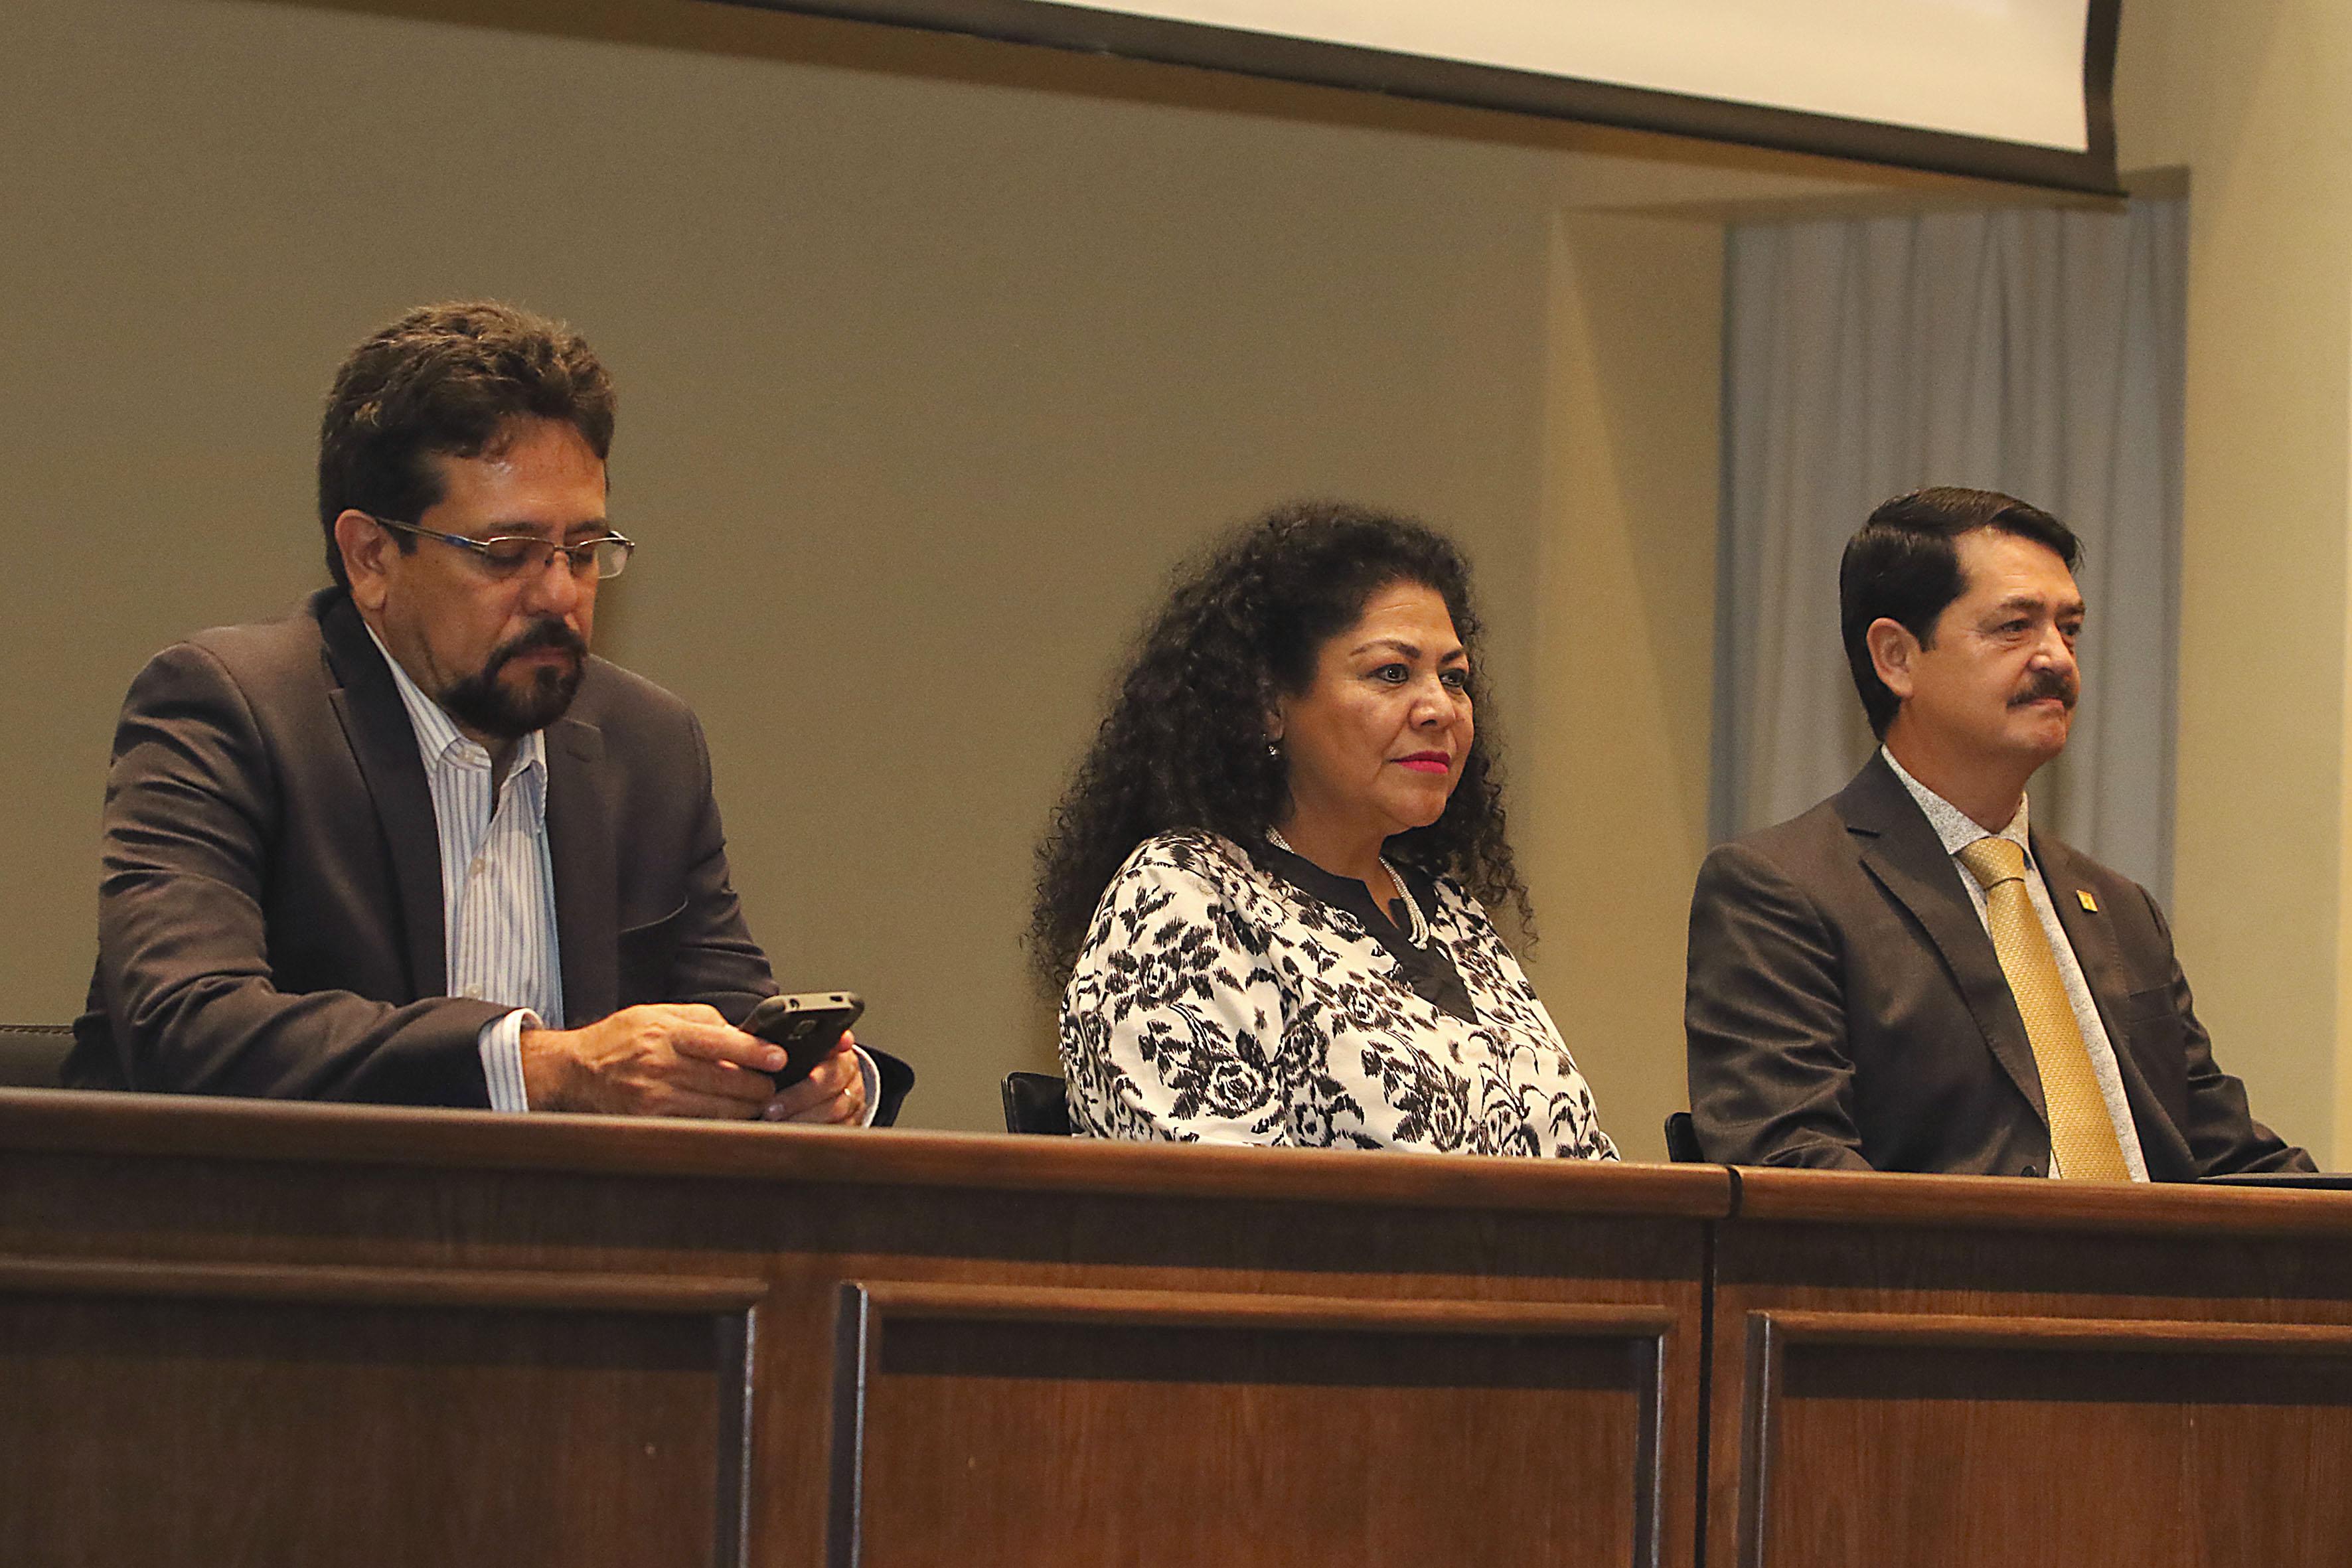 Miembros panelistas participantes en la ceremonia de inaguración de las jornadas de cartilla universitaria.